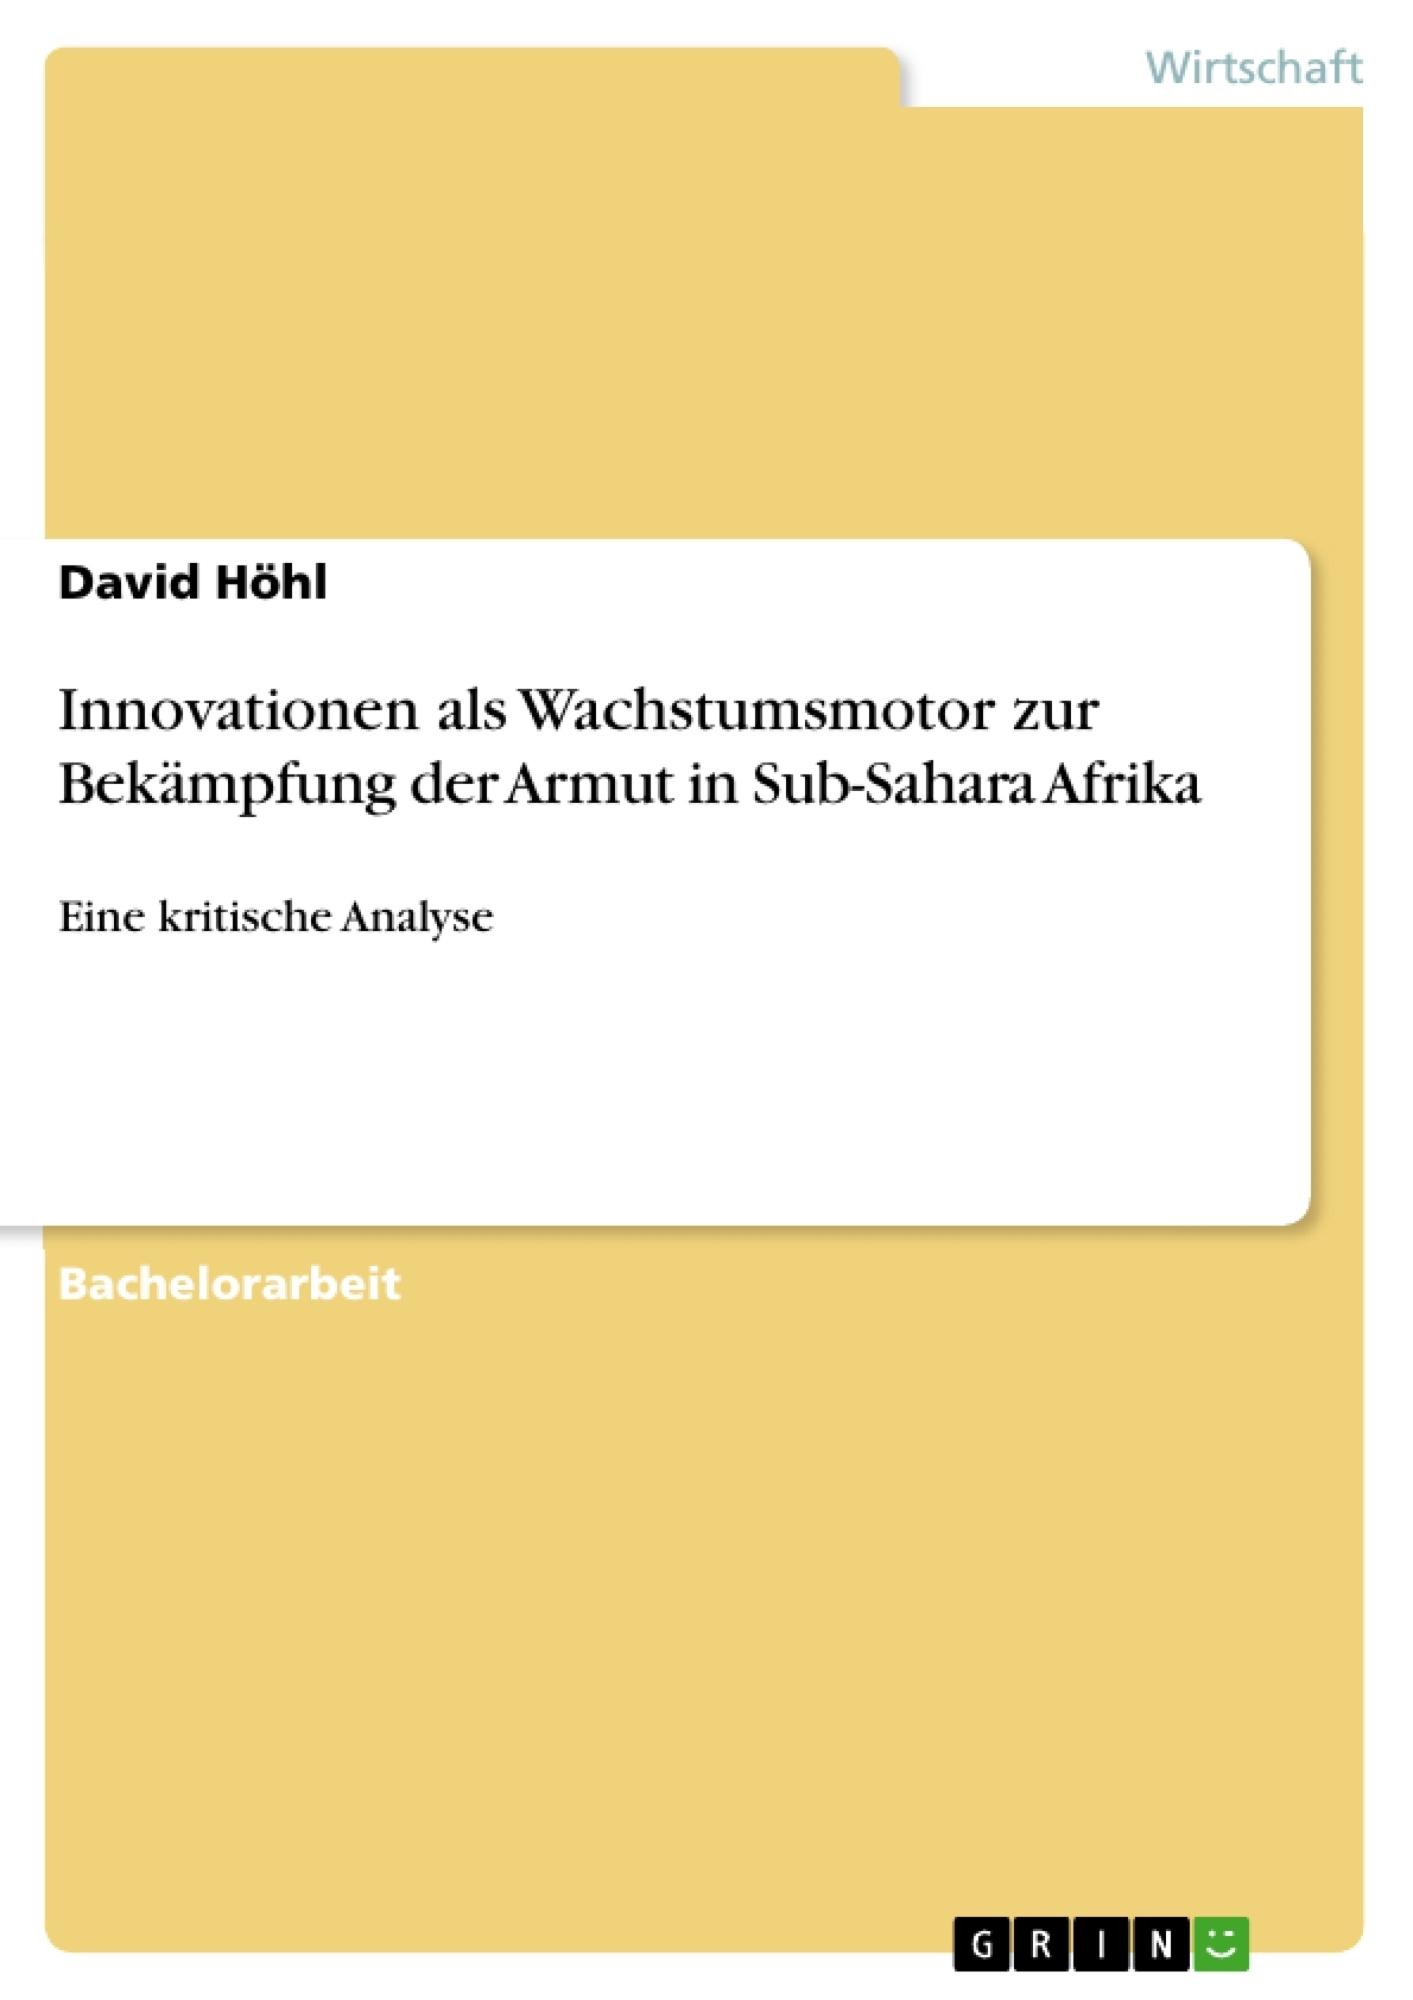 Titel: Innovationen als Wachstumsmotor zur Bekämpfung der Armut in Sub-Sahara Afrika